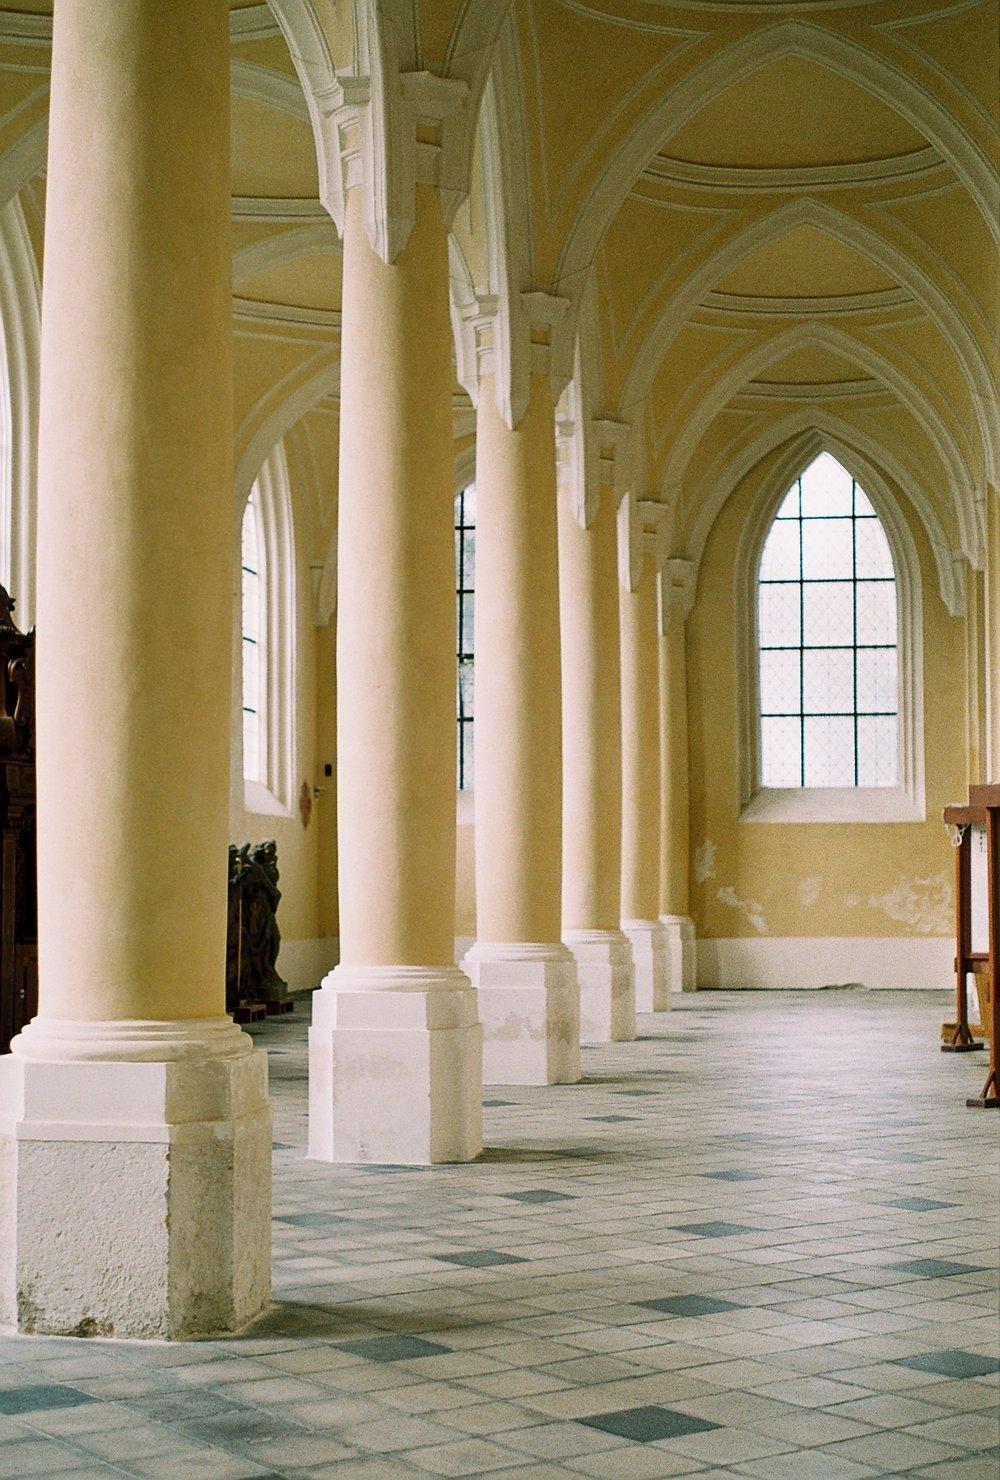 Church of the Assumption in Kutná Hora, Czech Republic.